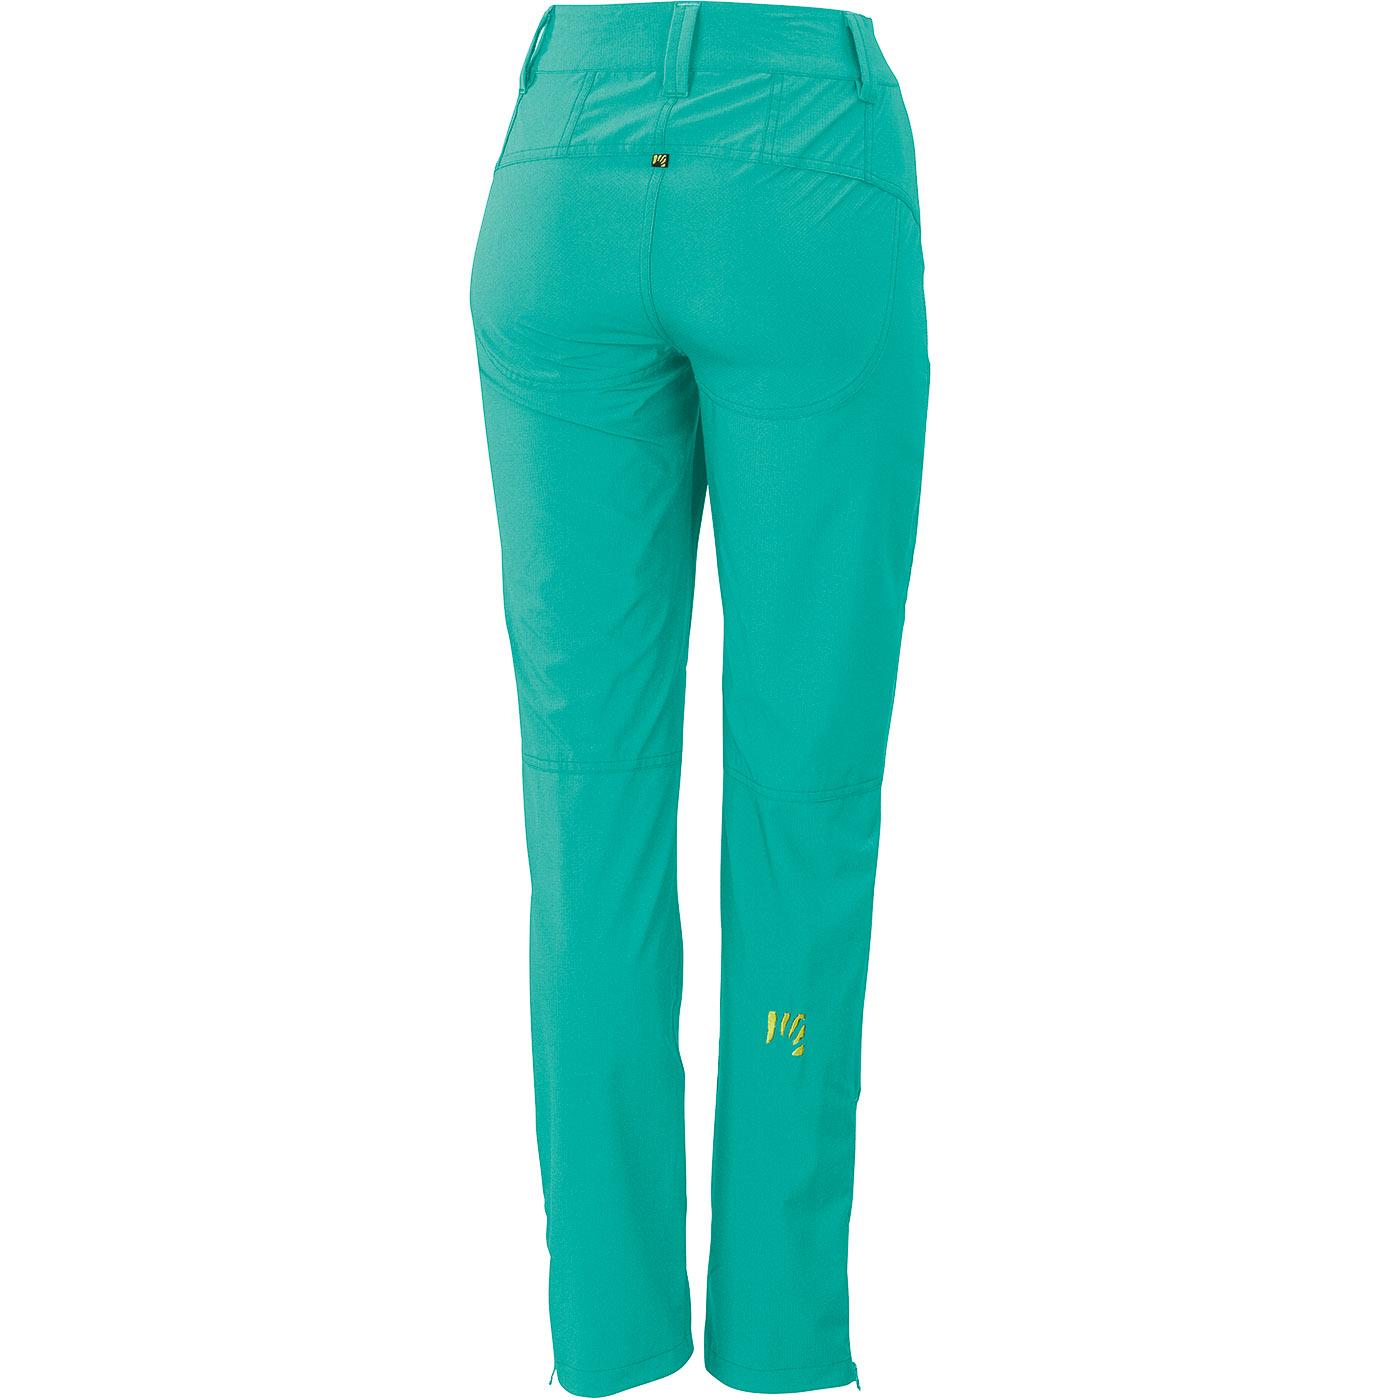 34510ba49d5b Karpos TREKK EVO dámske nohavice tyrkysové. Pre absolútny zážitok prosím  použite prehliadač s javascriptom